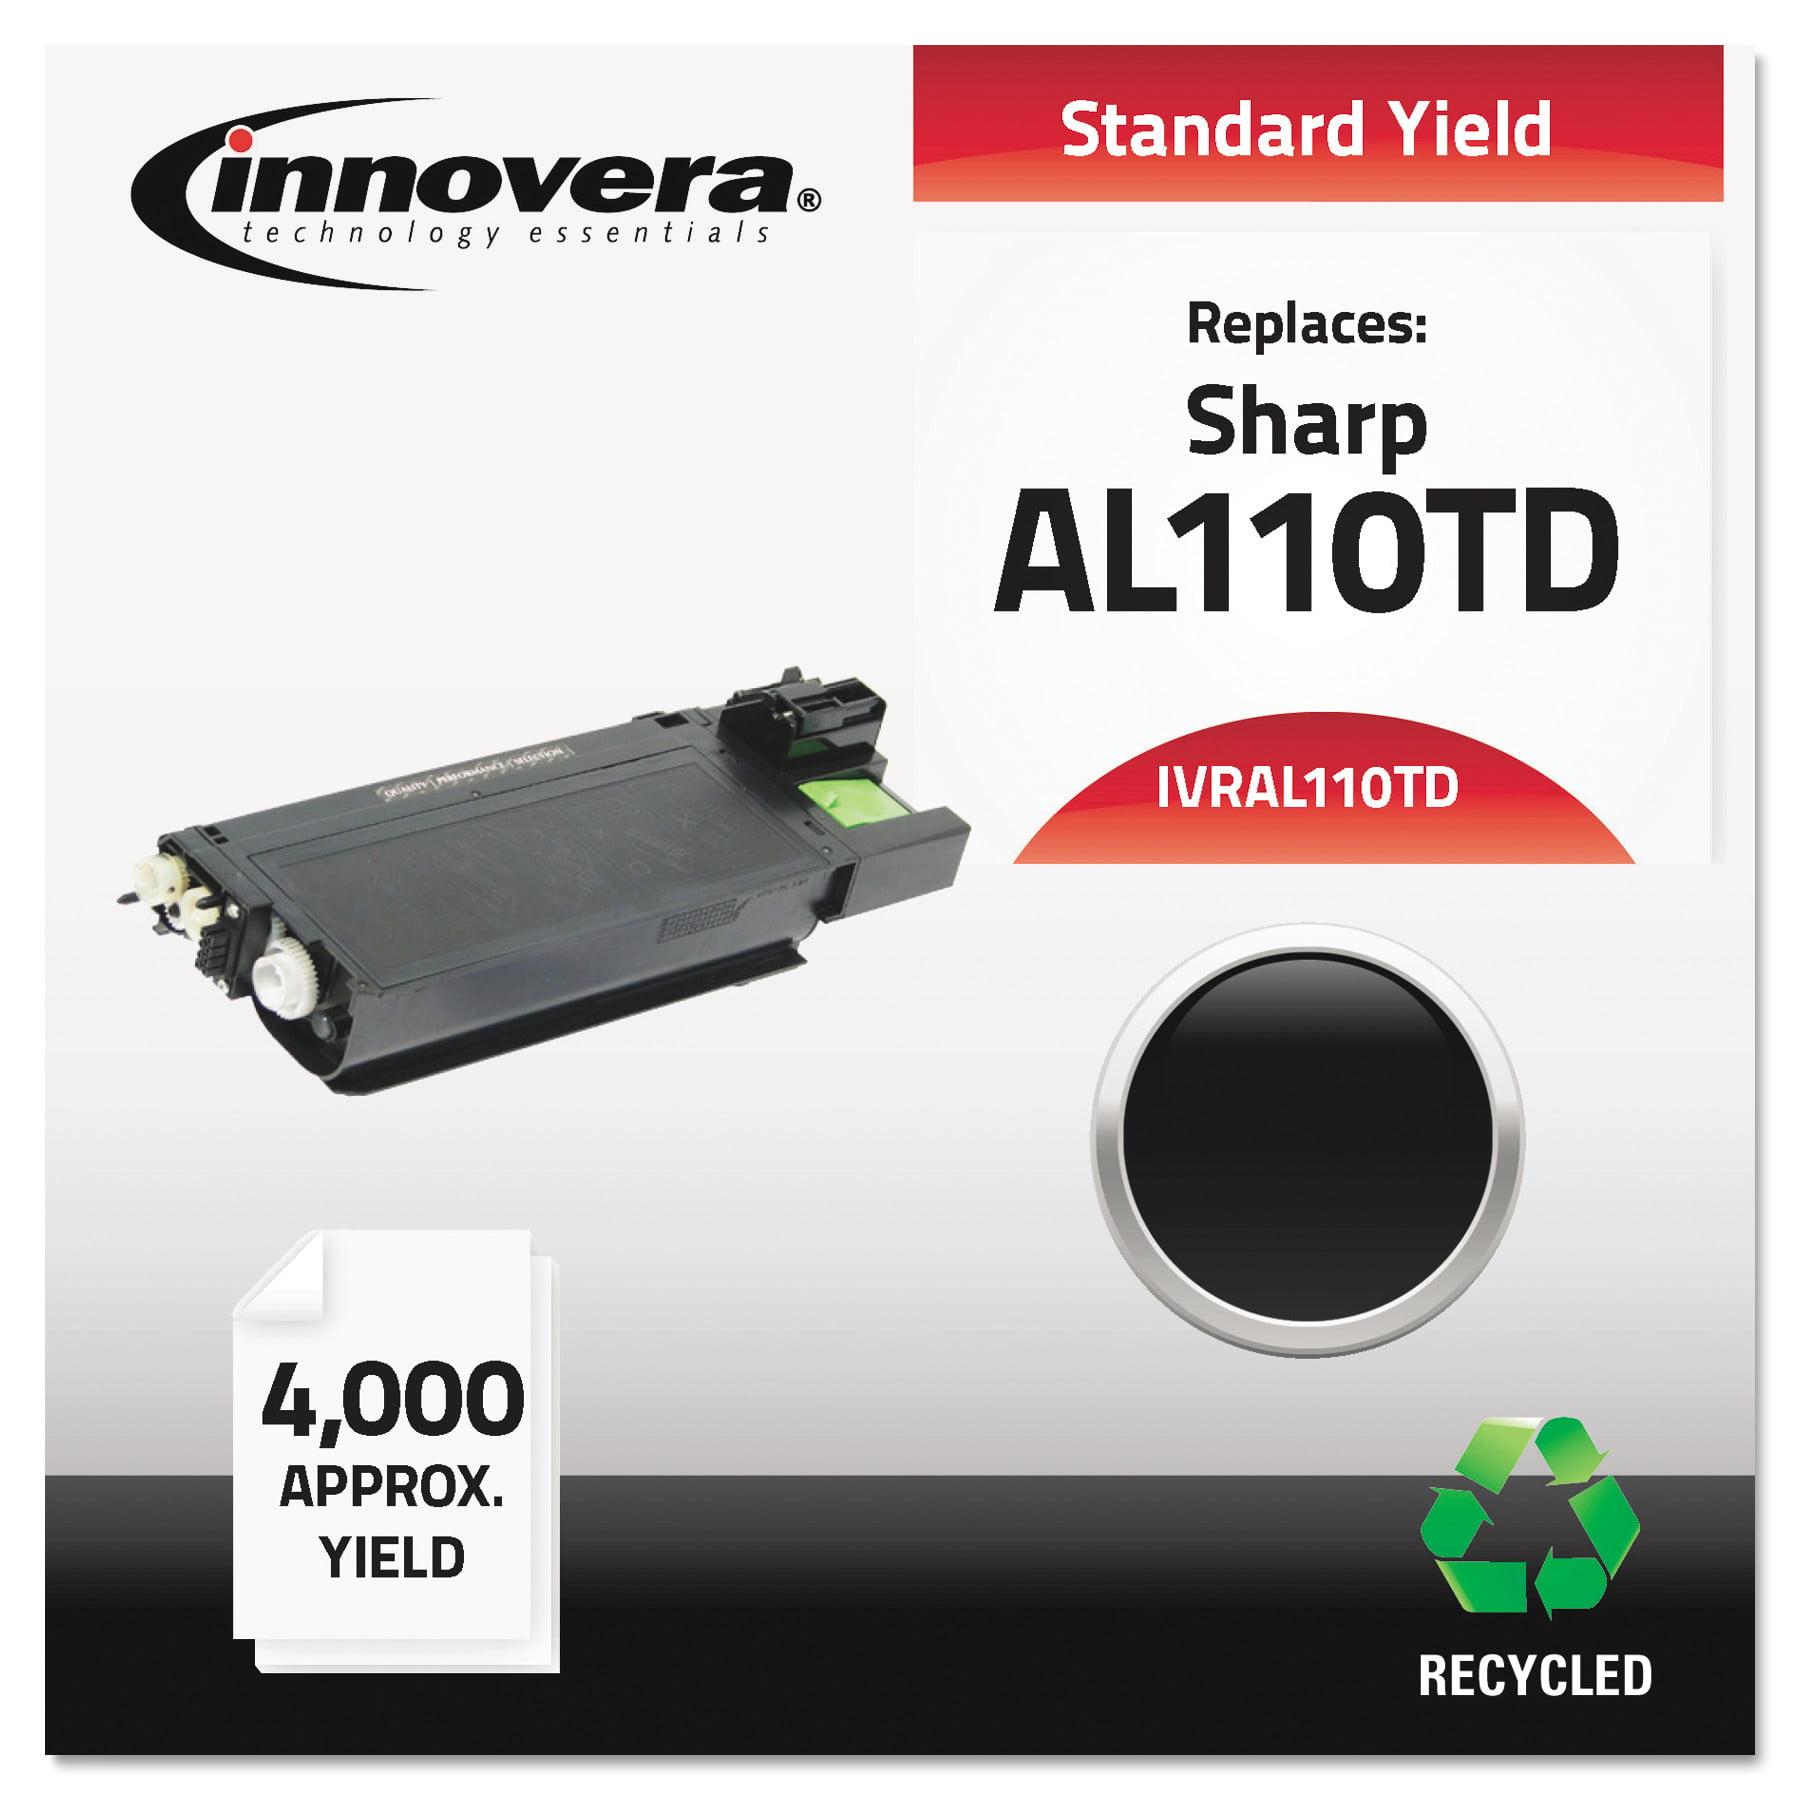 Innovera Remanufactured AL110TD Toner, Black